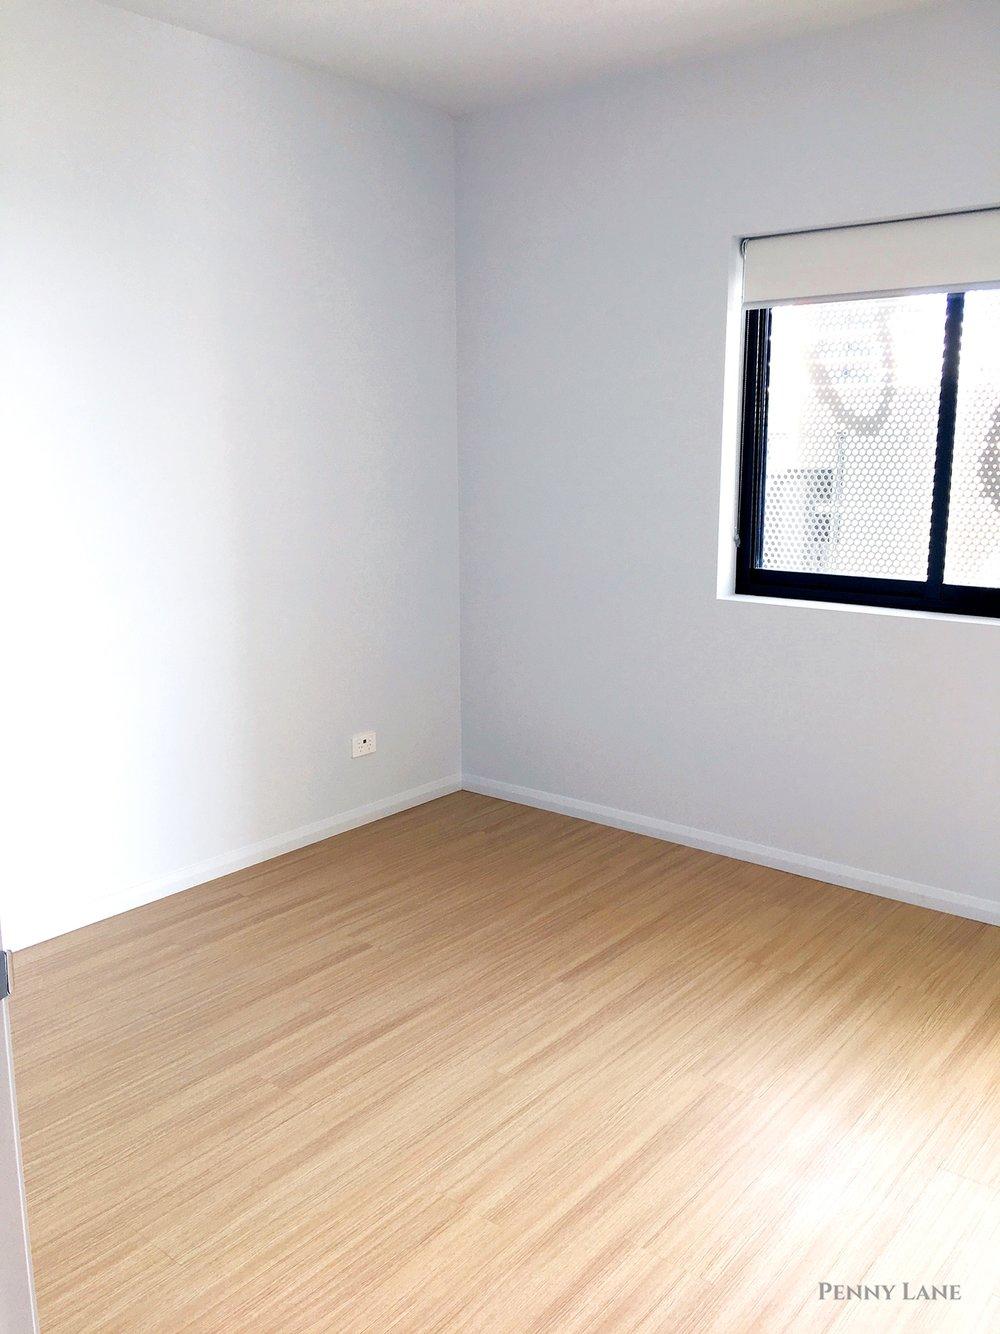 hires.27468-room1.jpg